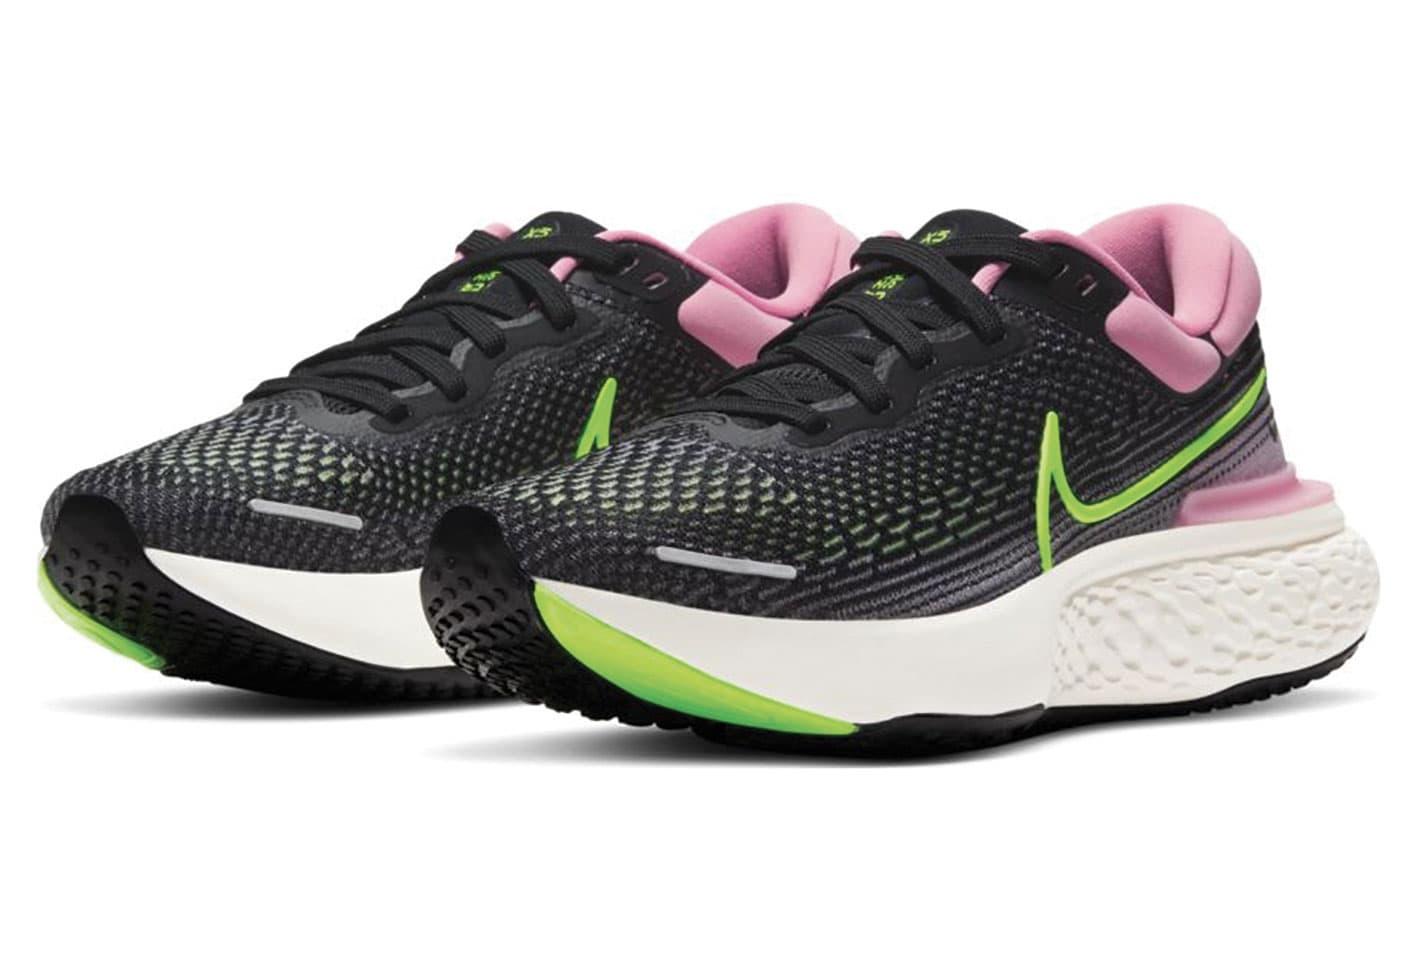 Nike ZoomX Invincible Run La scarpa che facilita la corsa e riduce gli infortuni